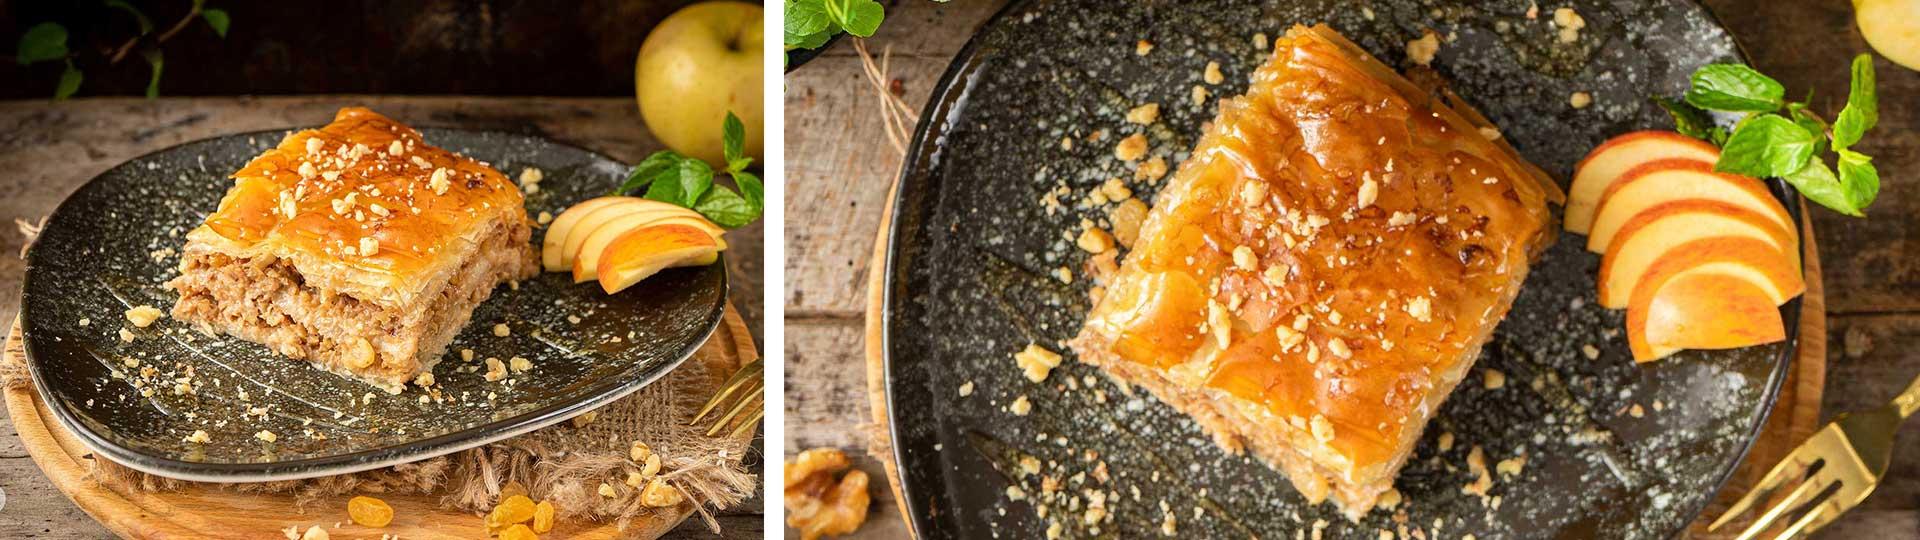 Десерти с вкус на есен: колаж от две снимки на медена ябълкова баклава